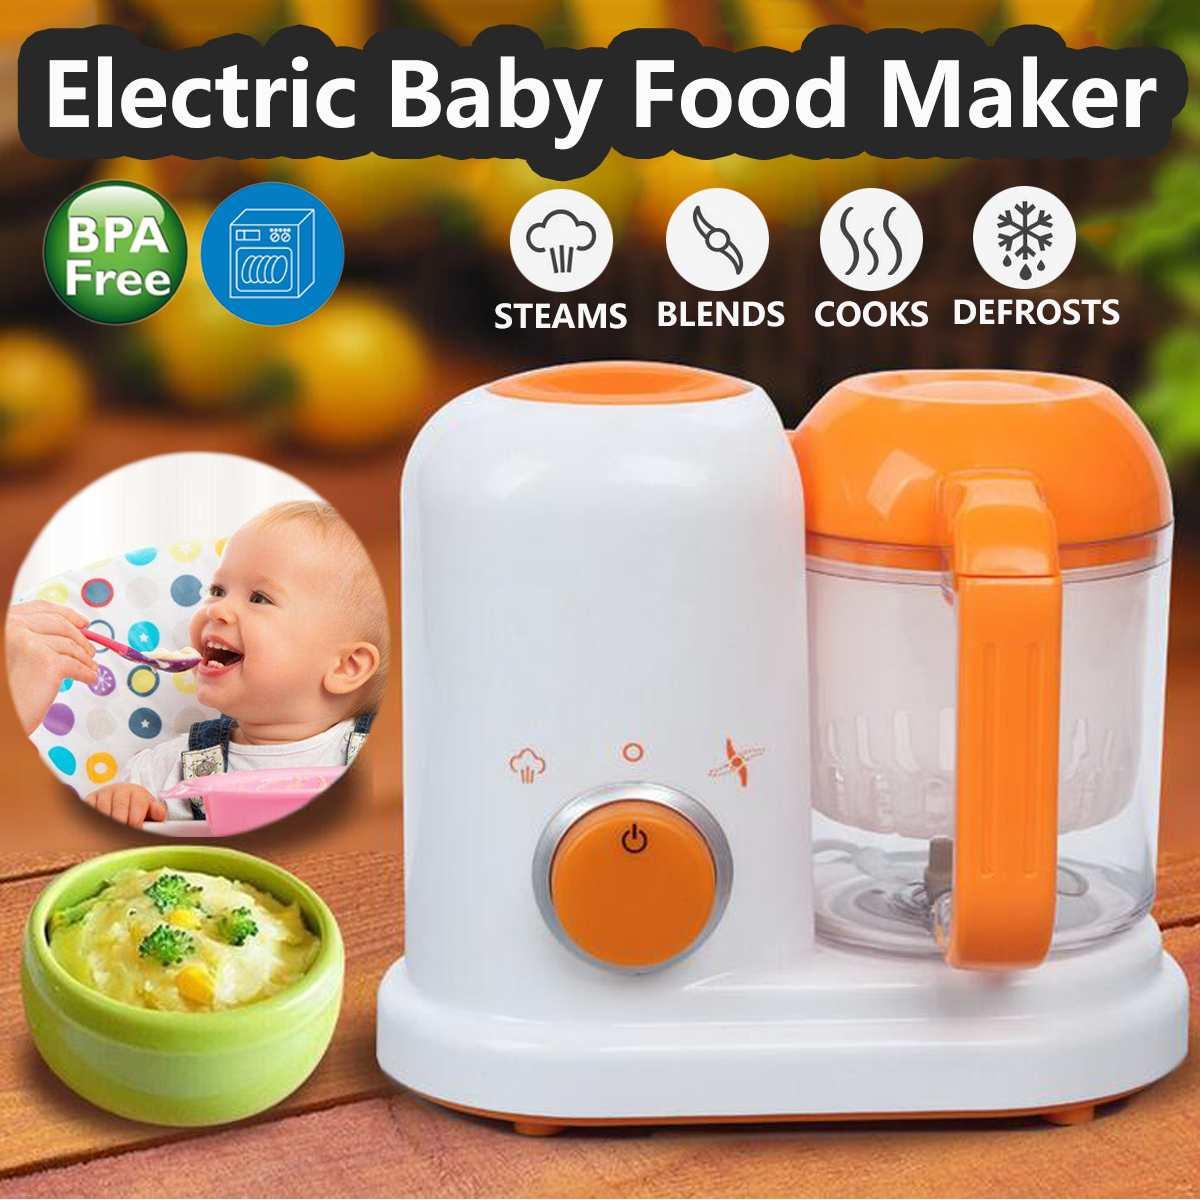 Électrique bébé fabricant d'aliments AC 200-250 V tout-petit mélangeurs vapeur processeur sans BPA tout en un alimentaire-classé PP EU vapeur alimentaire sûr